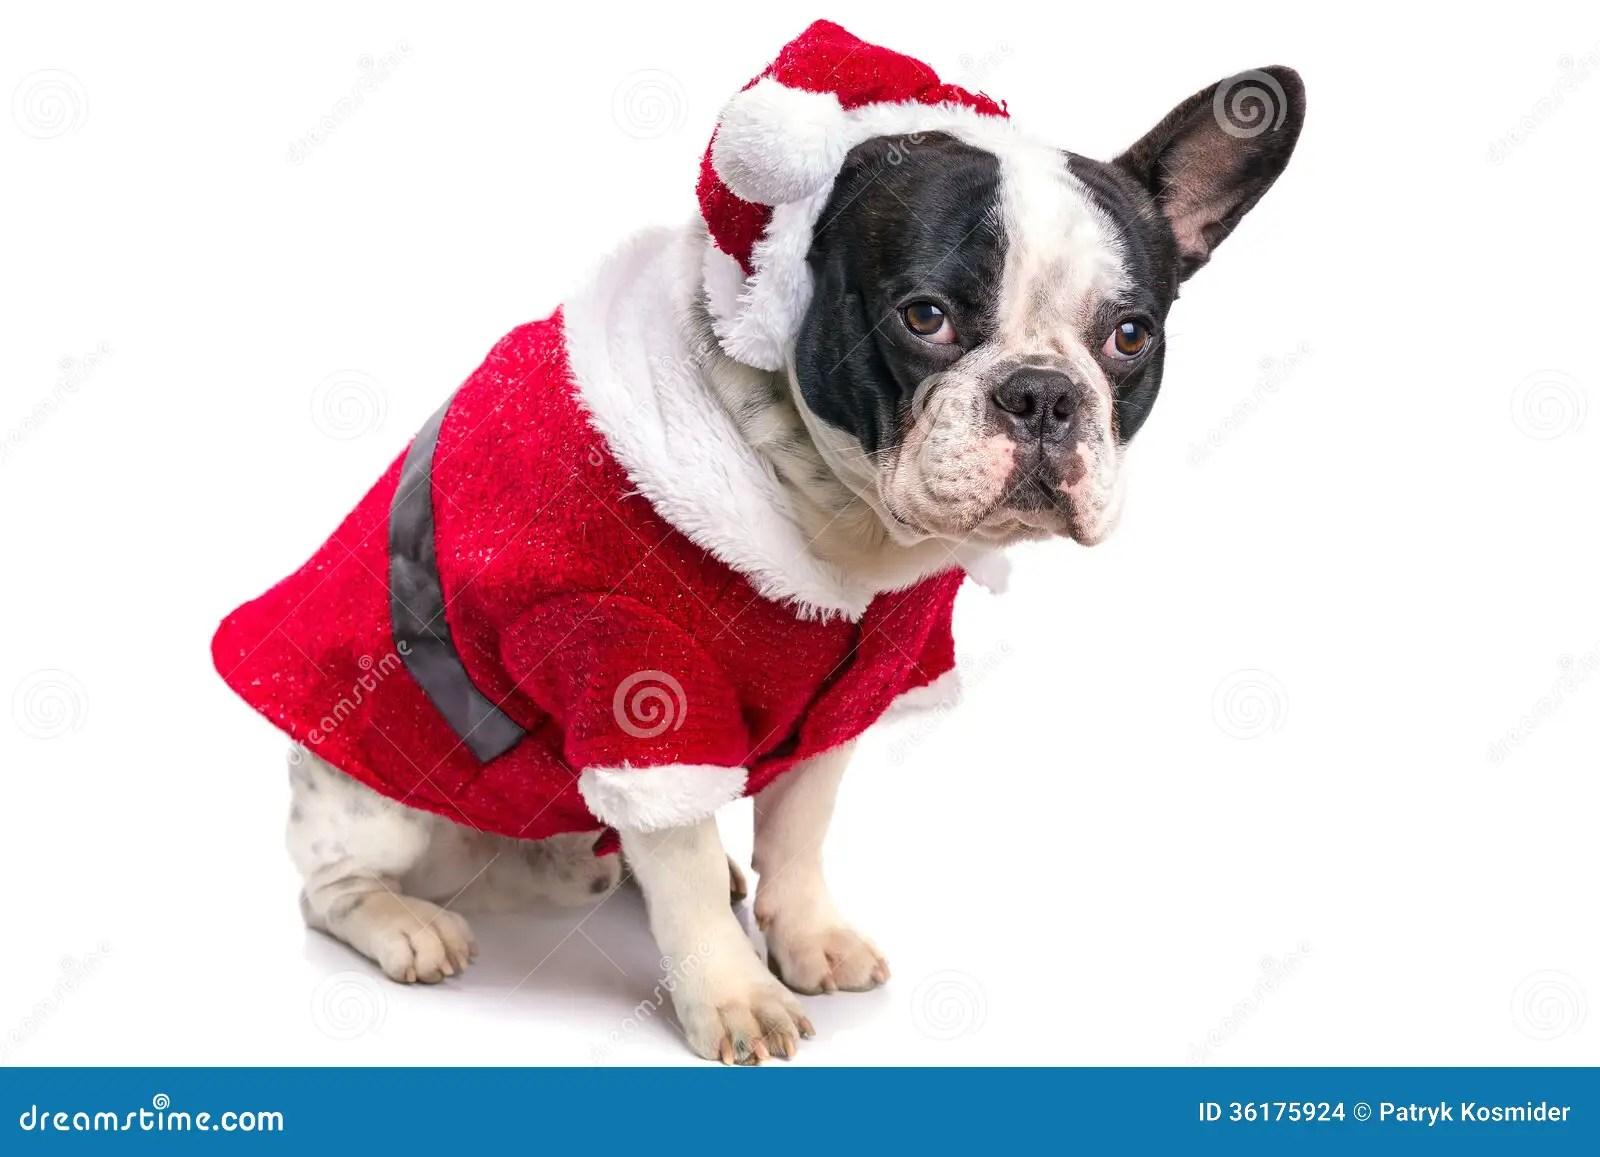 French Bulldog In Santa Costume Stock Photo Image 36175924